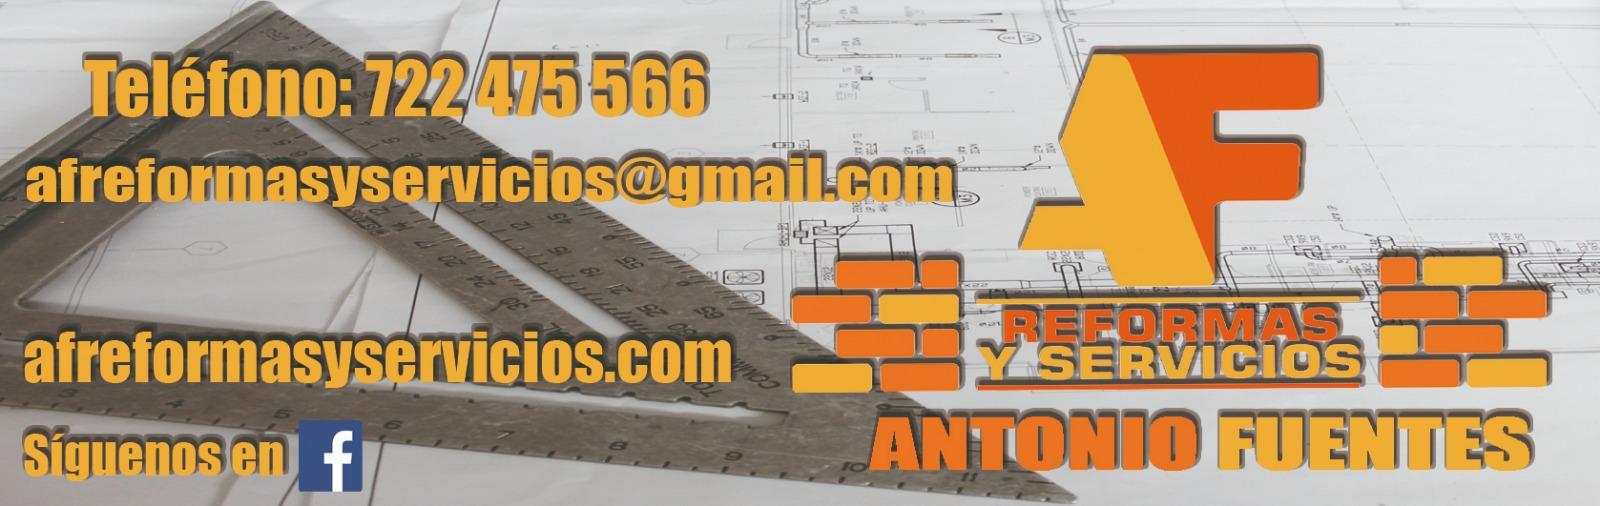 Antonio Fuentes Reformas